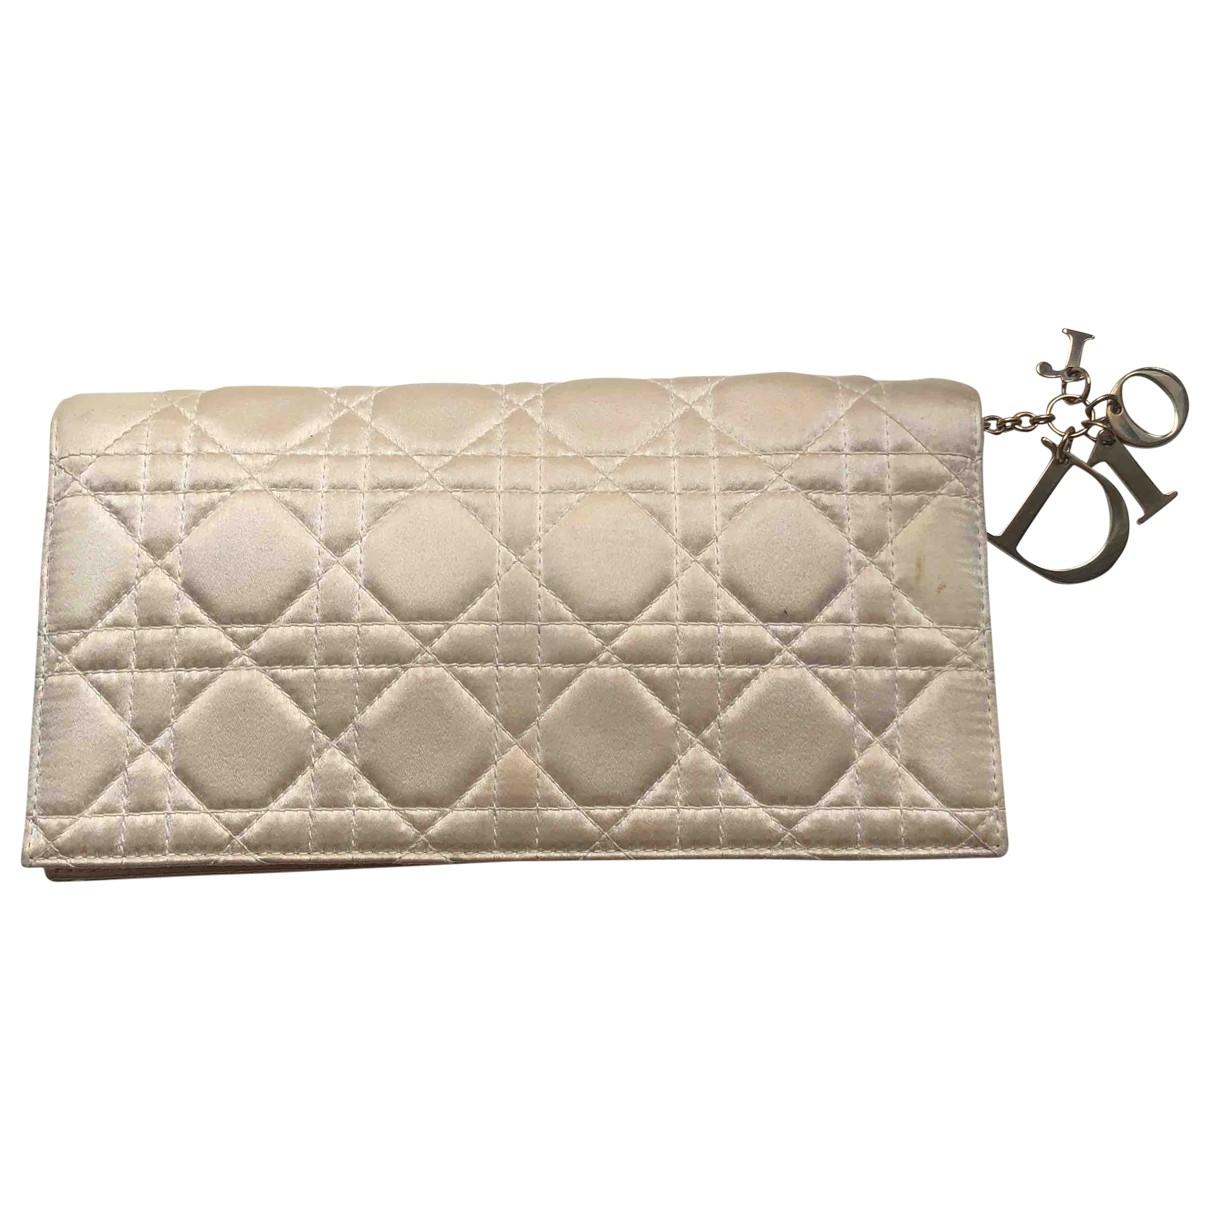 Pochette Lady Dior de Seda Dior